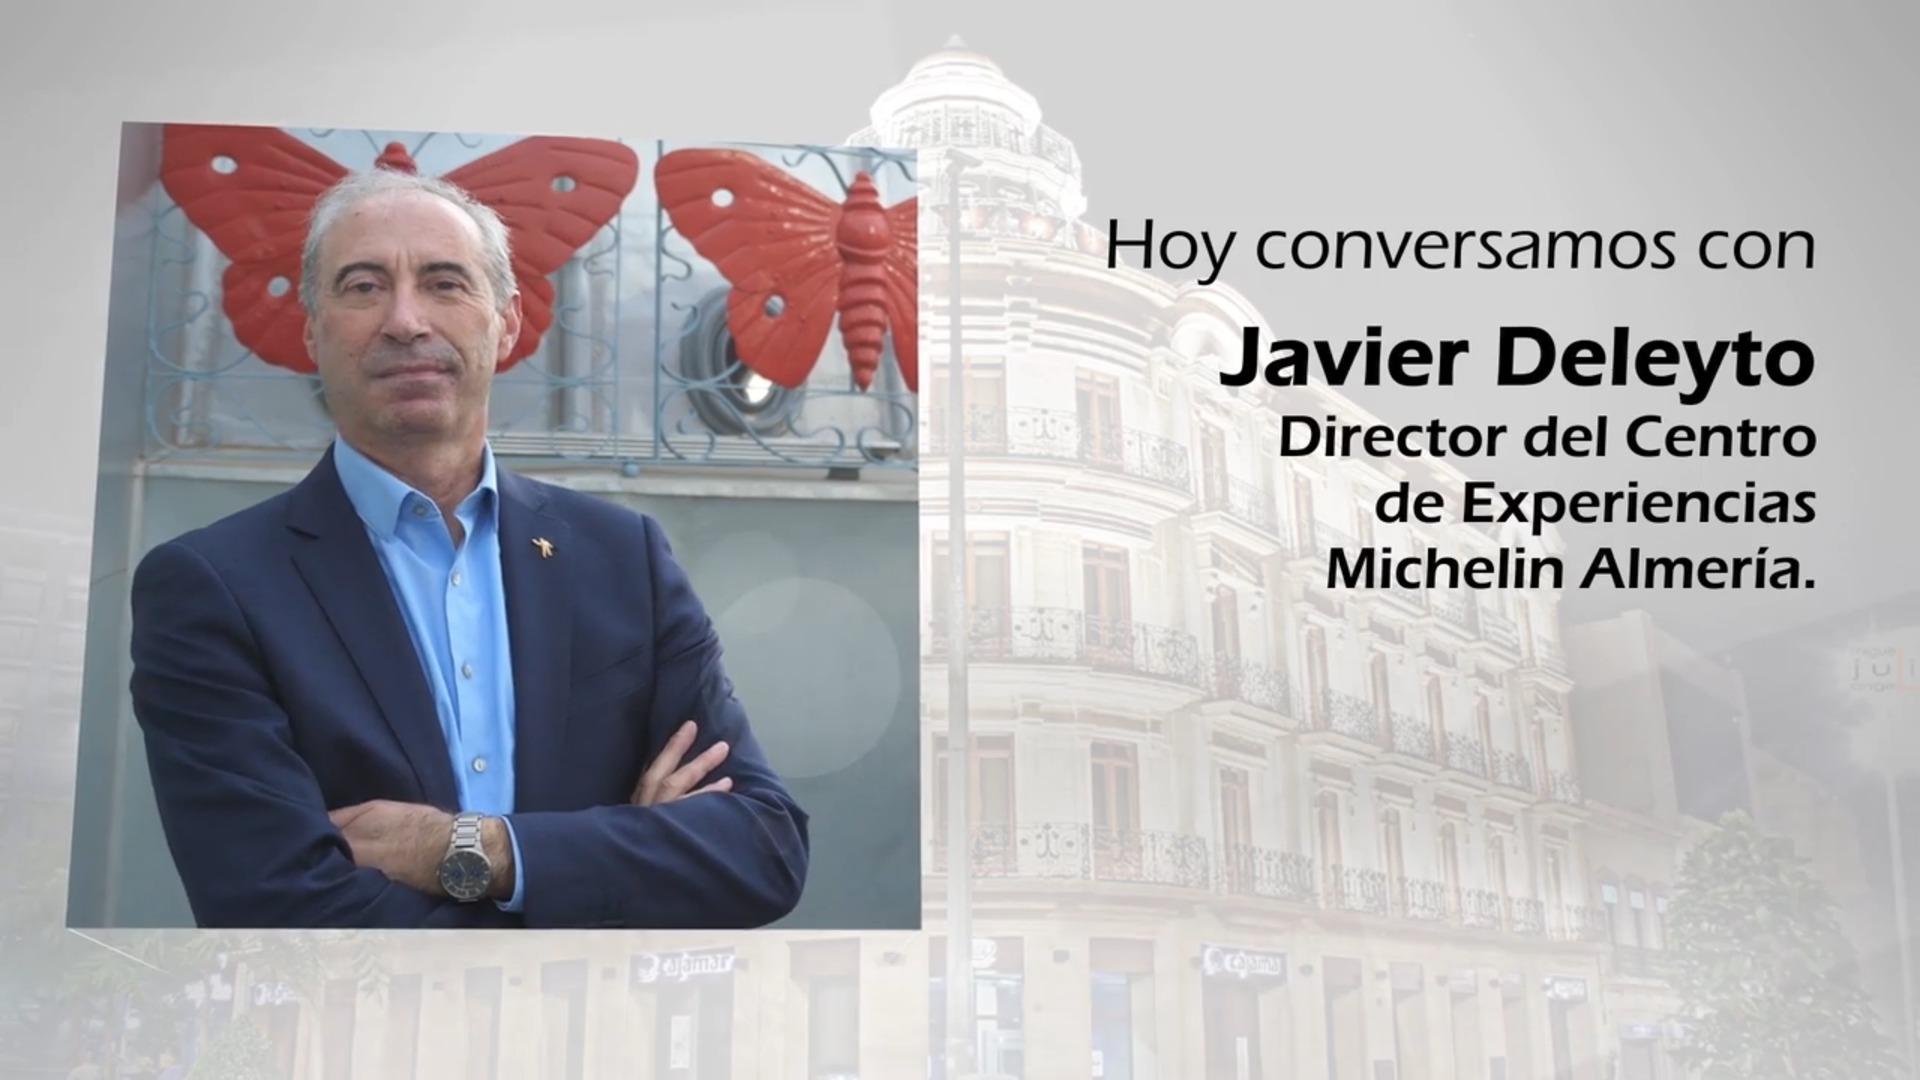 Almería en Futuro con Javier Deleyto (Michelin)